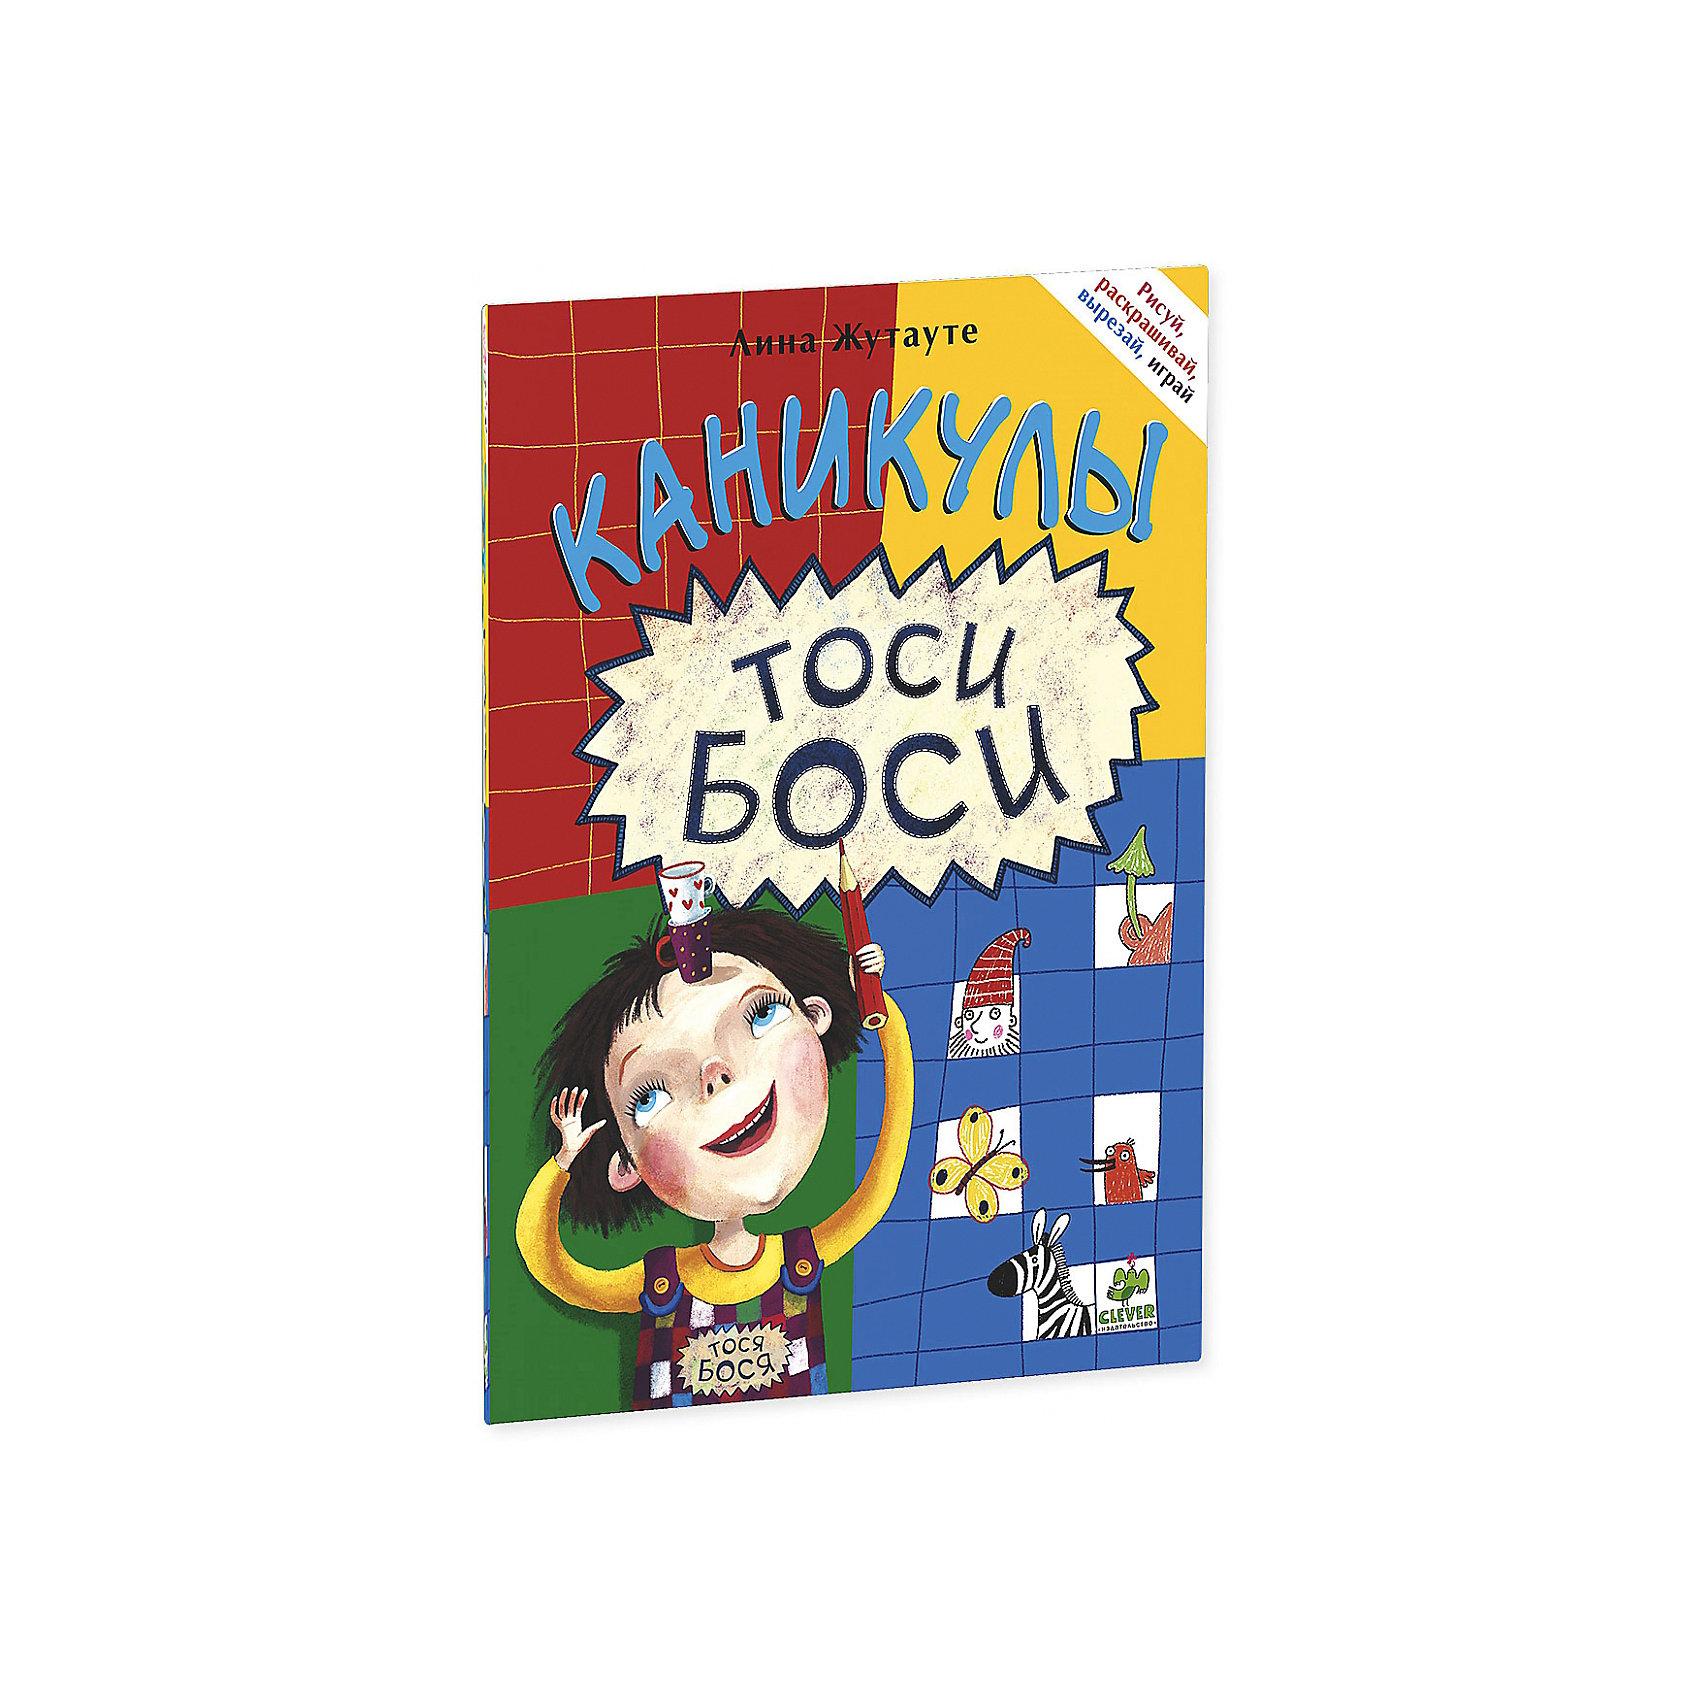 Каникулы Тоси-Боси, Л. ЖутаутеТесты и задания<br>Известная  литовская  художница  Лина  Жутауте собрала  здесь  множество  разнообразных  идей  для занятий с детьми: головоломки и лабиринты, весёлые игры, творческие  задания,  раскраски,  даже  утренняя  физзарядка  — и всё это в одной интерактивной книжке-игрушке, к которой вы будете  возвращаться  снова  и  снова.  Если  вы  уже  знакомы  с  Тосей-Босей  по книгам  «Тося-Бося  и  гном  Чистюля»  и  «Тося-Бося  и  сбежавшие  уши», найдёте  здесь  полюбившихся  персонажей.  А  если  нет,  вам  наверняка захочется узнать о них побольше.<br><br>Дополнительная информация:<br><br>- год издания: 2015<br>- переплёт: мягкий переплет (крепление скрепкой или клеем)<br>- формат:  30 *15 *0.7см. <br>- вес:  262 гр.<br>- количество страниц: 32<br>- возраст: от 3 до 7 лет<br><br>Книгу  Каникулы Тоси-Боси, Л. Жутауте, Р. Скоттон  можно купить в нашем интернет-магазине<br><br>Ширина мм: 290<br>Глубина мм: 215<br>Высота мм: 10<br>Вес г: 288<br>Возраст от месяцев: 48<br>Возраст до месяцев: 72<br>Пол: Унисекс<br>Возраст: Детский<br>SKU: 4750718